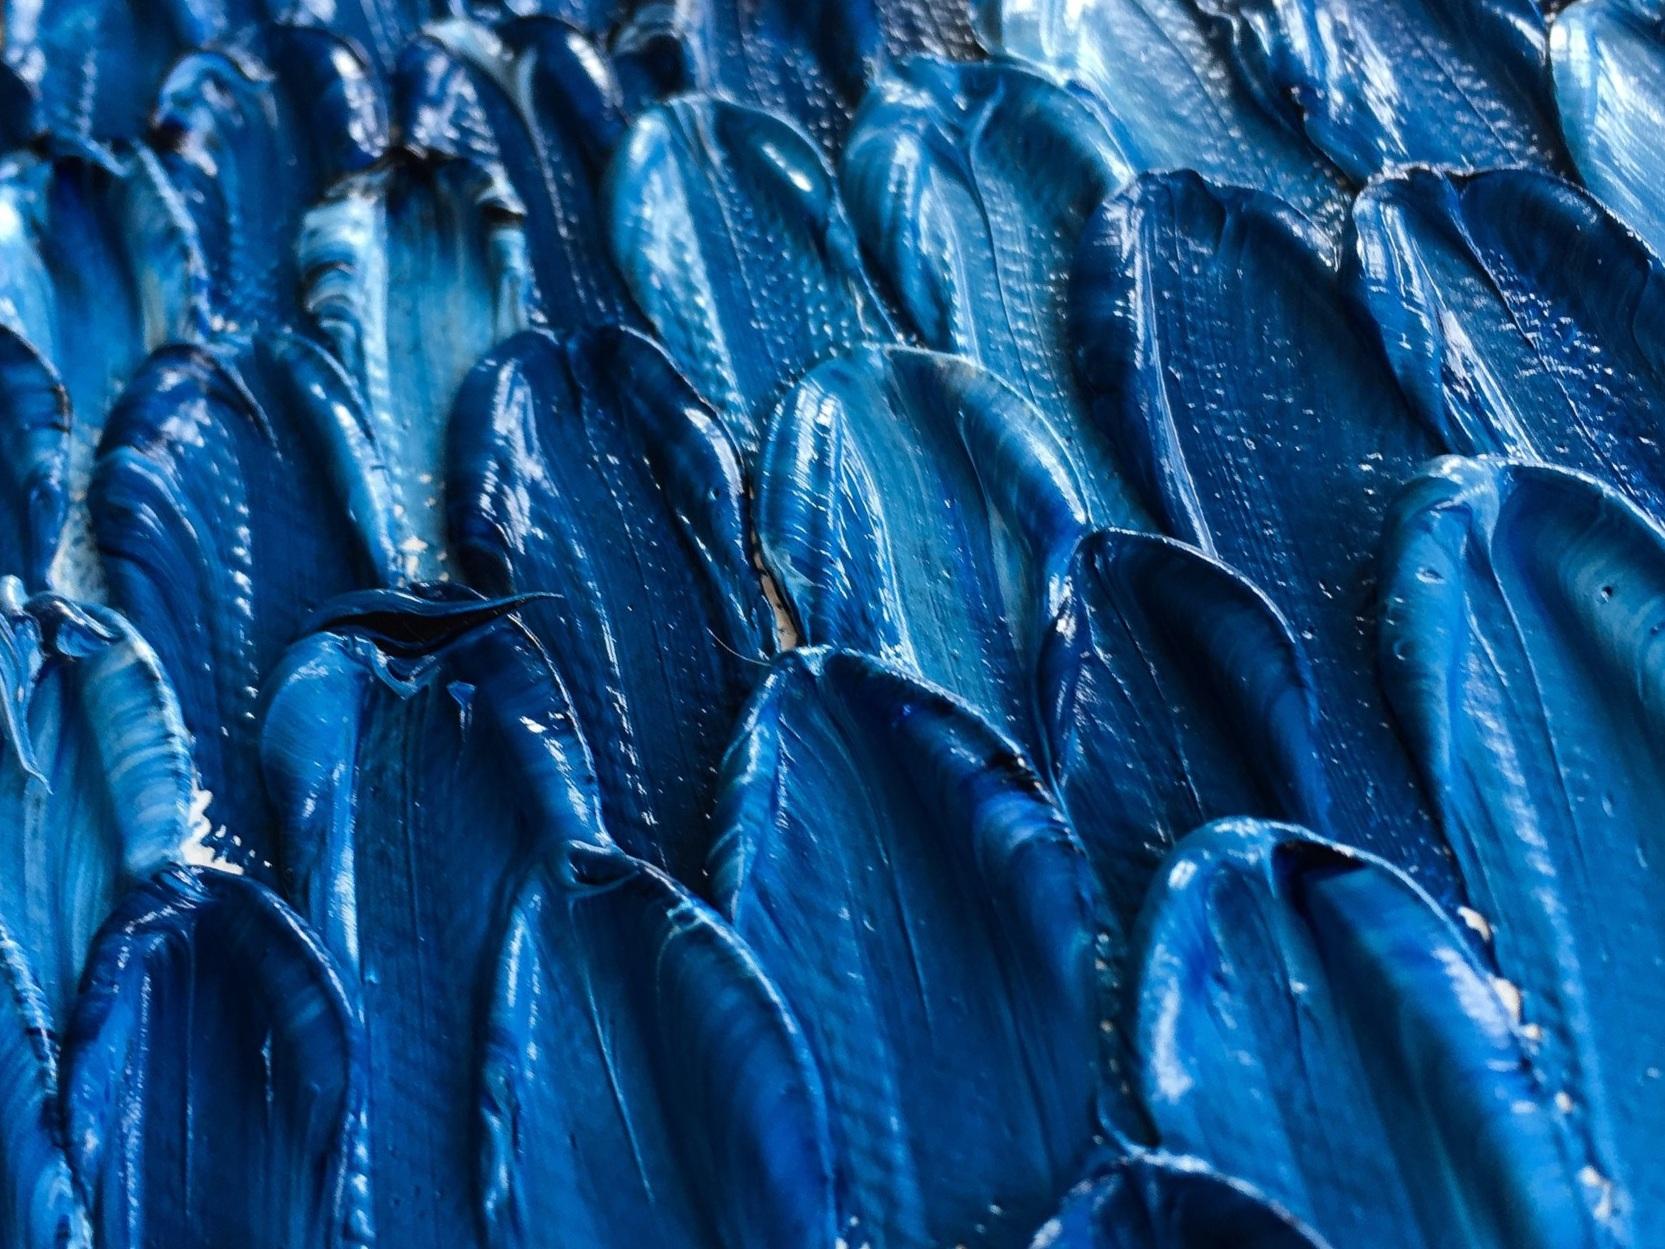 Beck Metzbower 2019  Blue Period  Oil on canvas